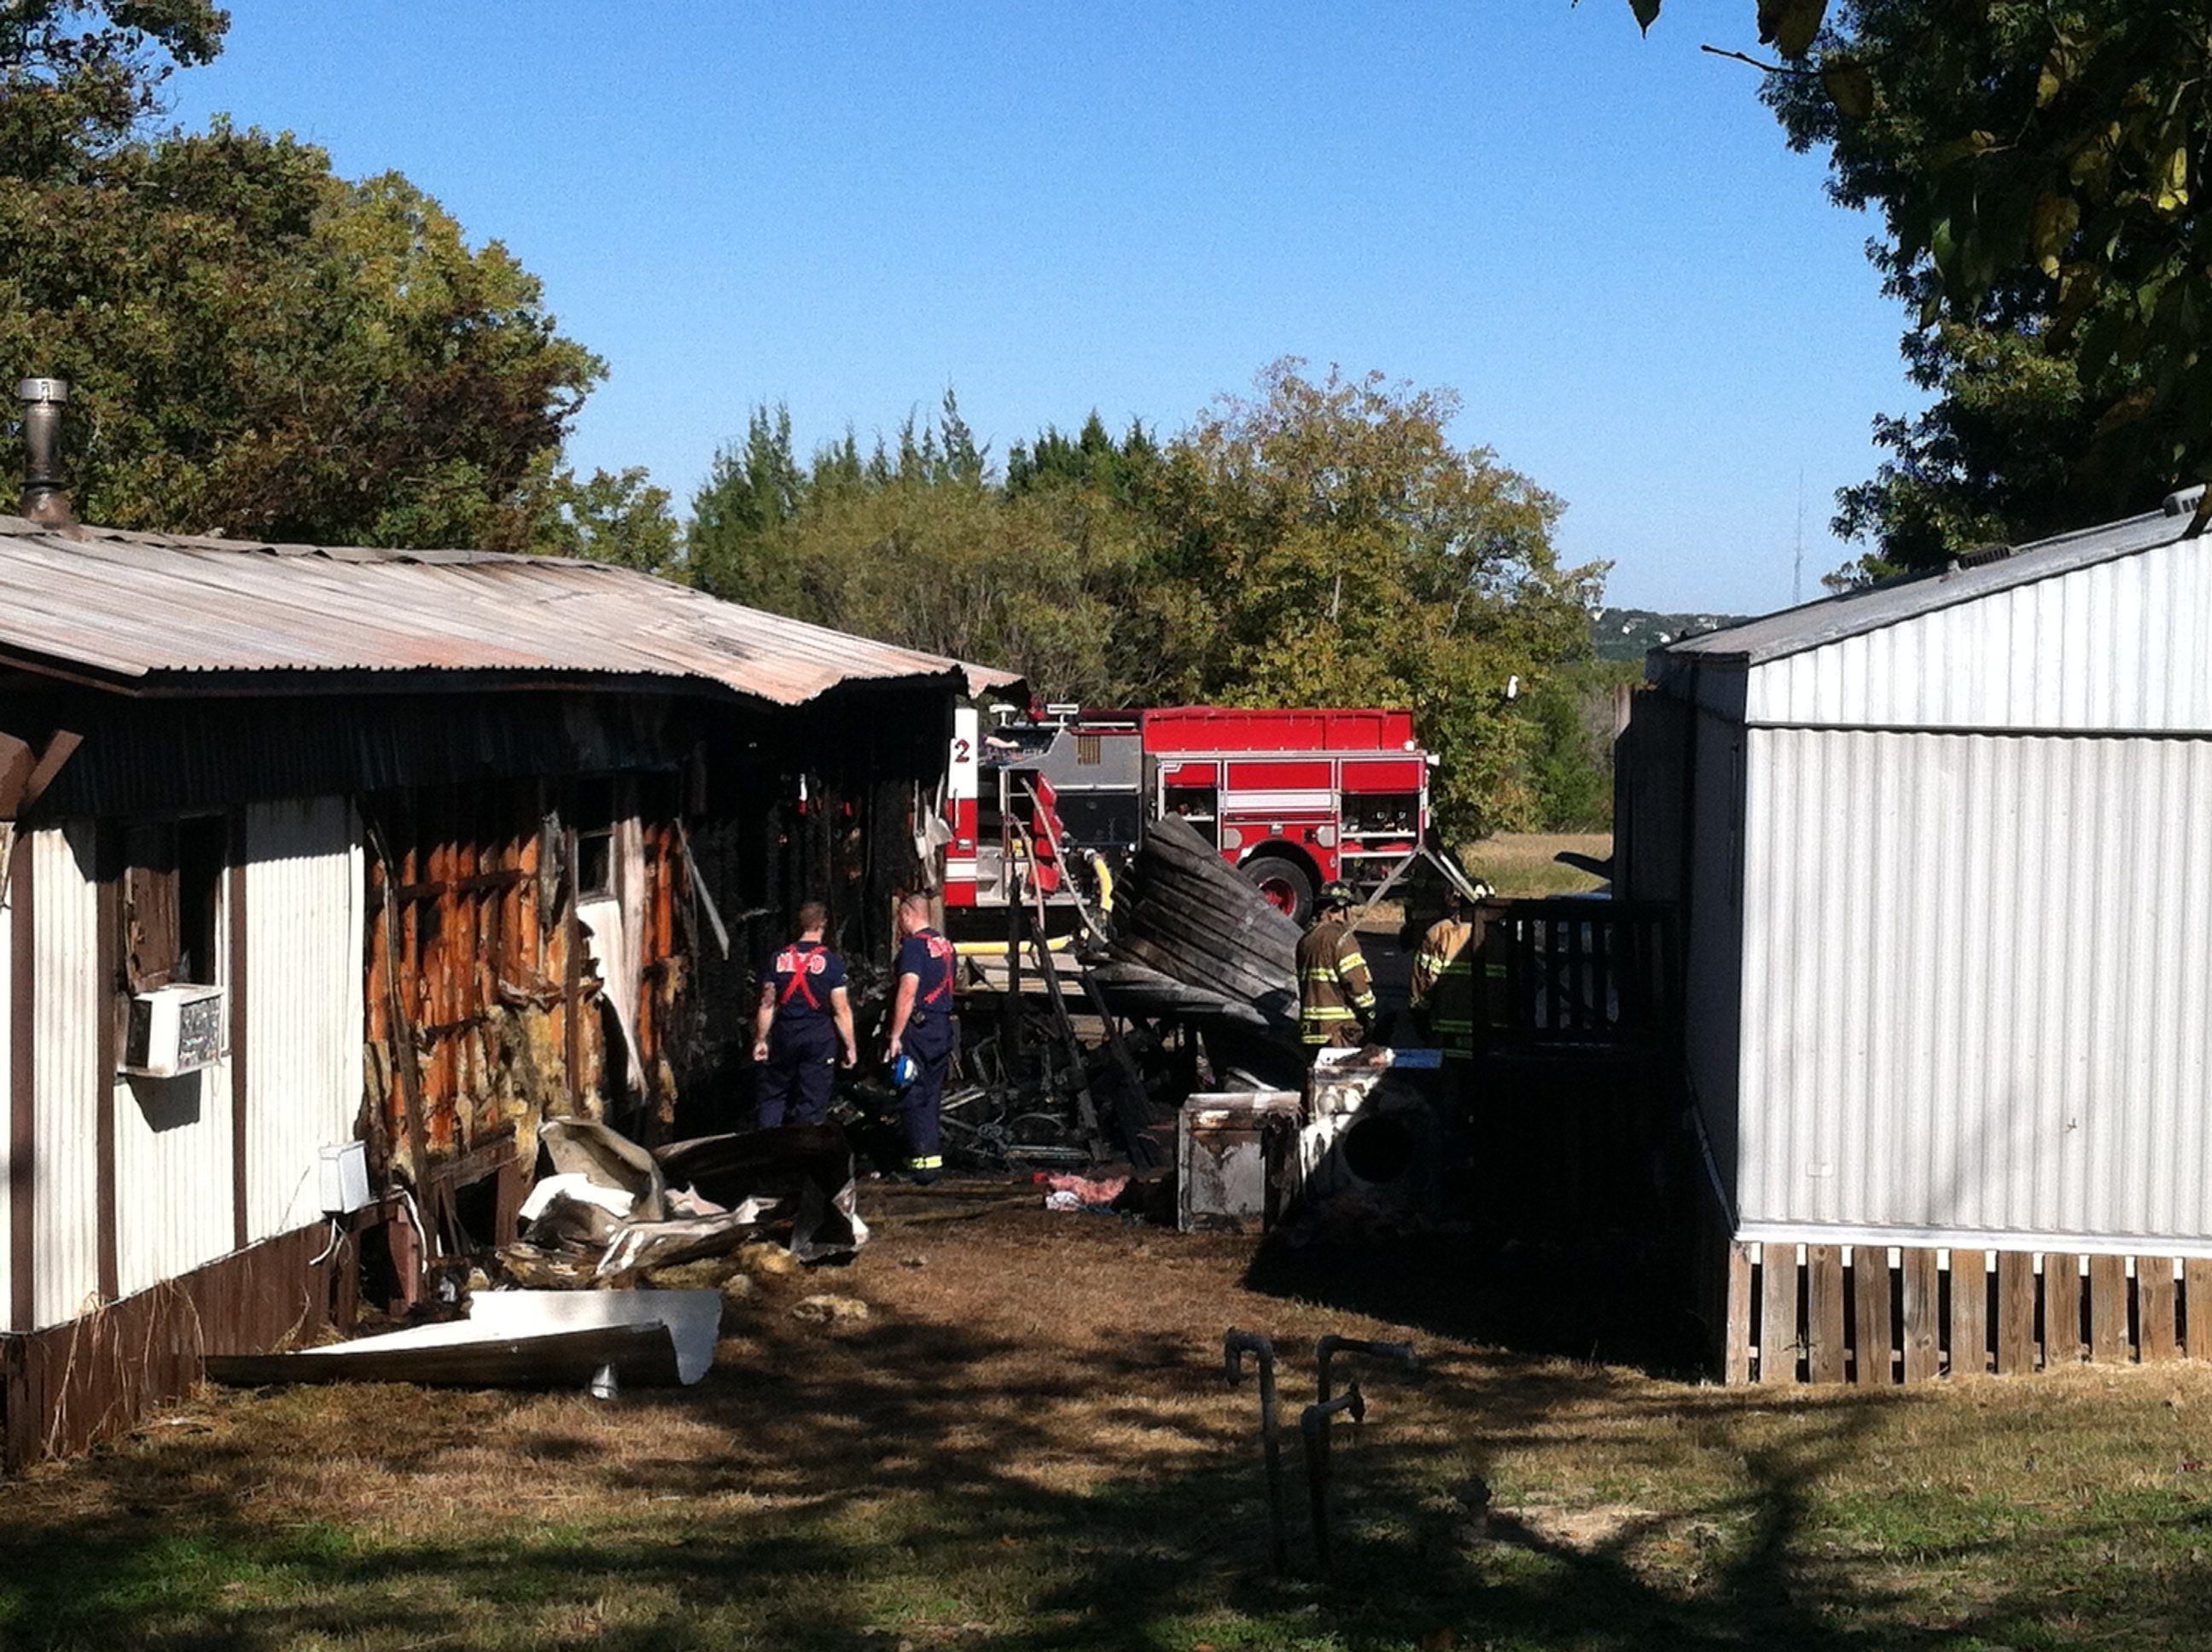 Fire destroys mobilehome damages another newbraunfels